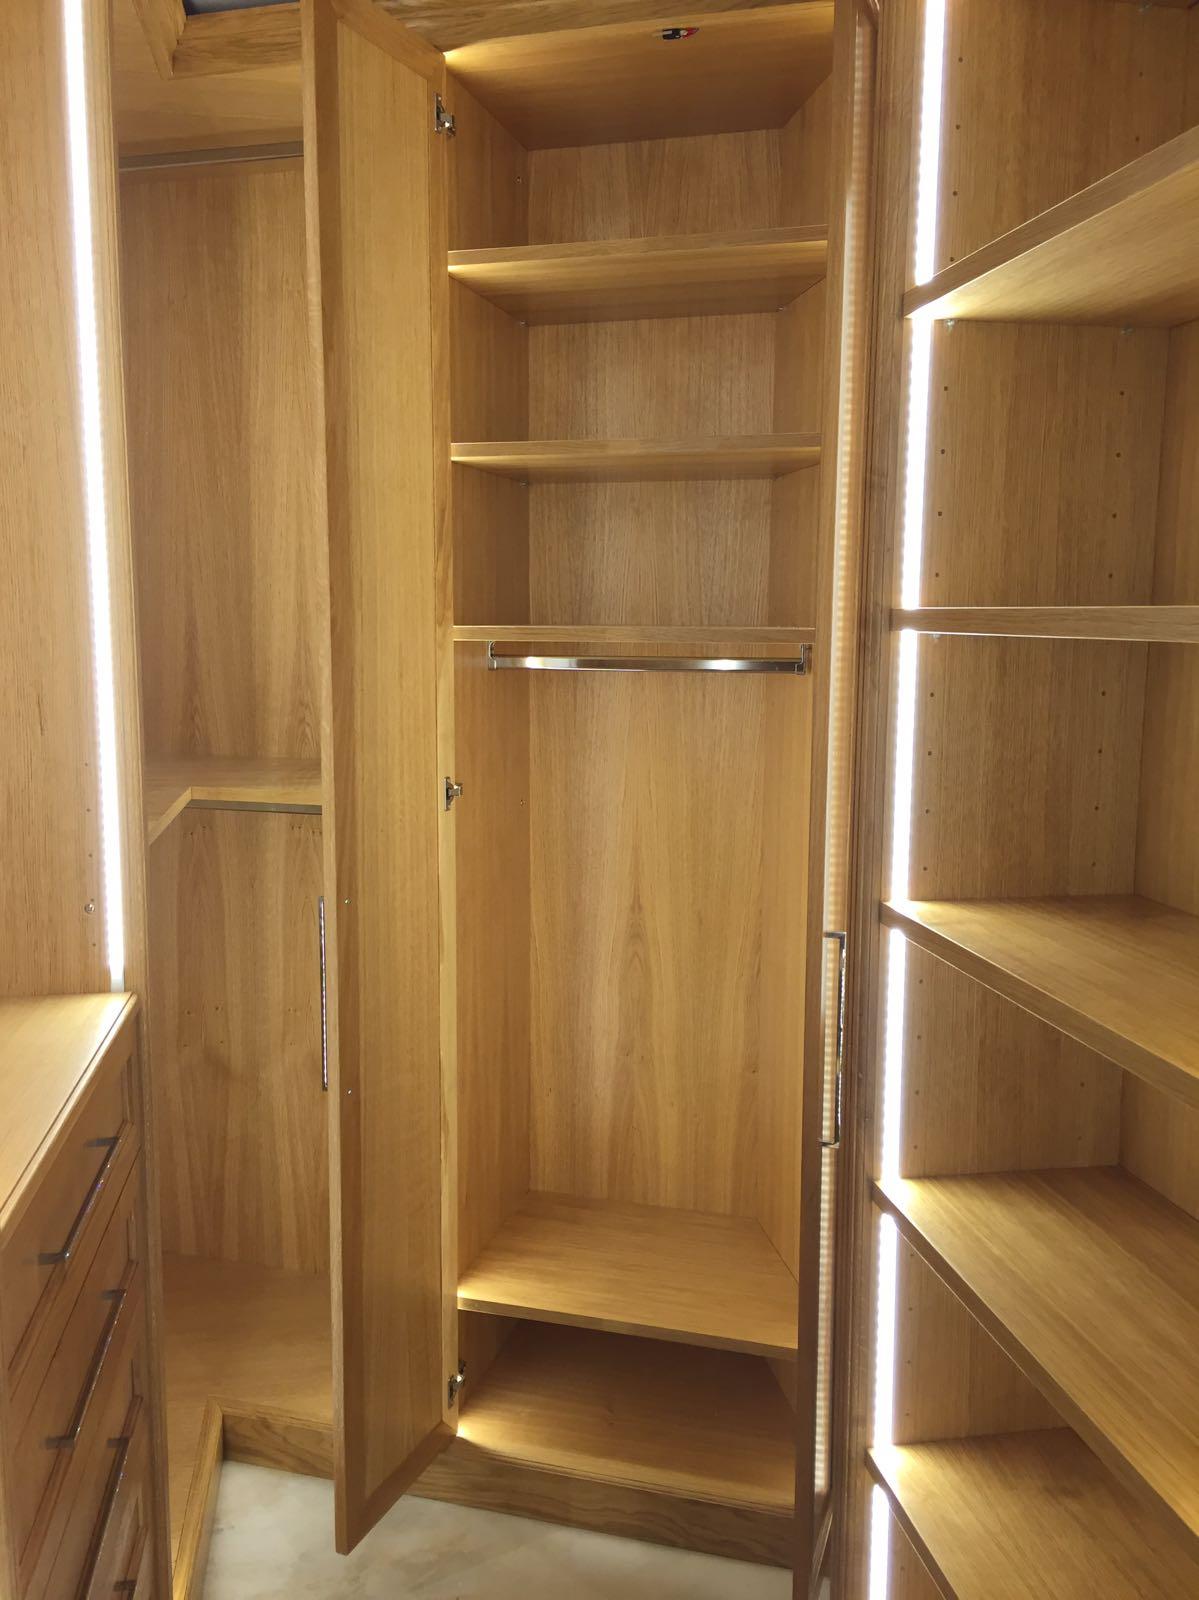 cabine armadio su misura di lusso ESCAPE='HTML'